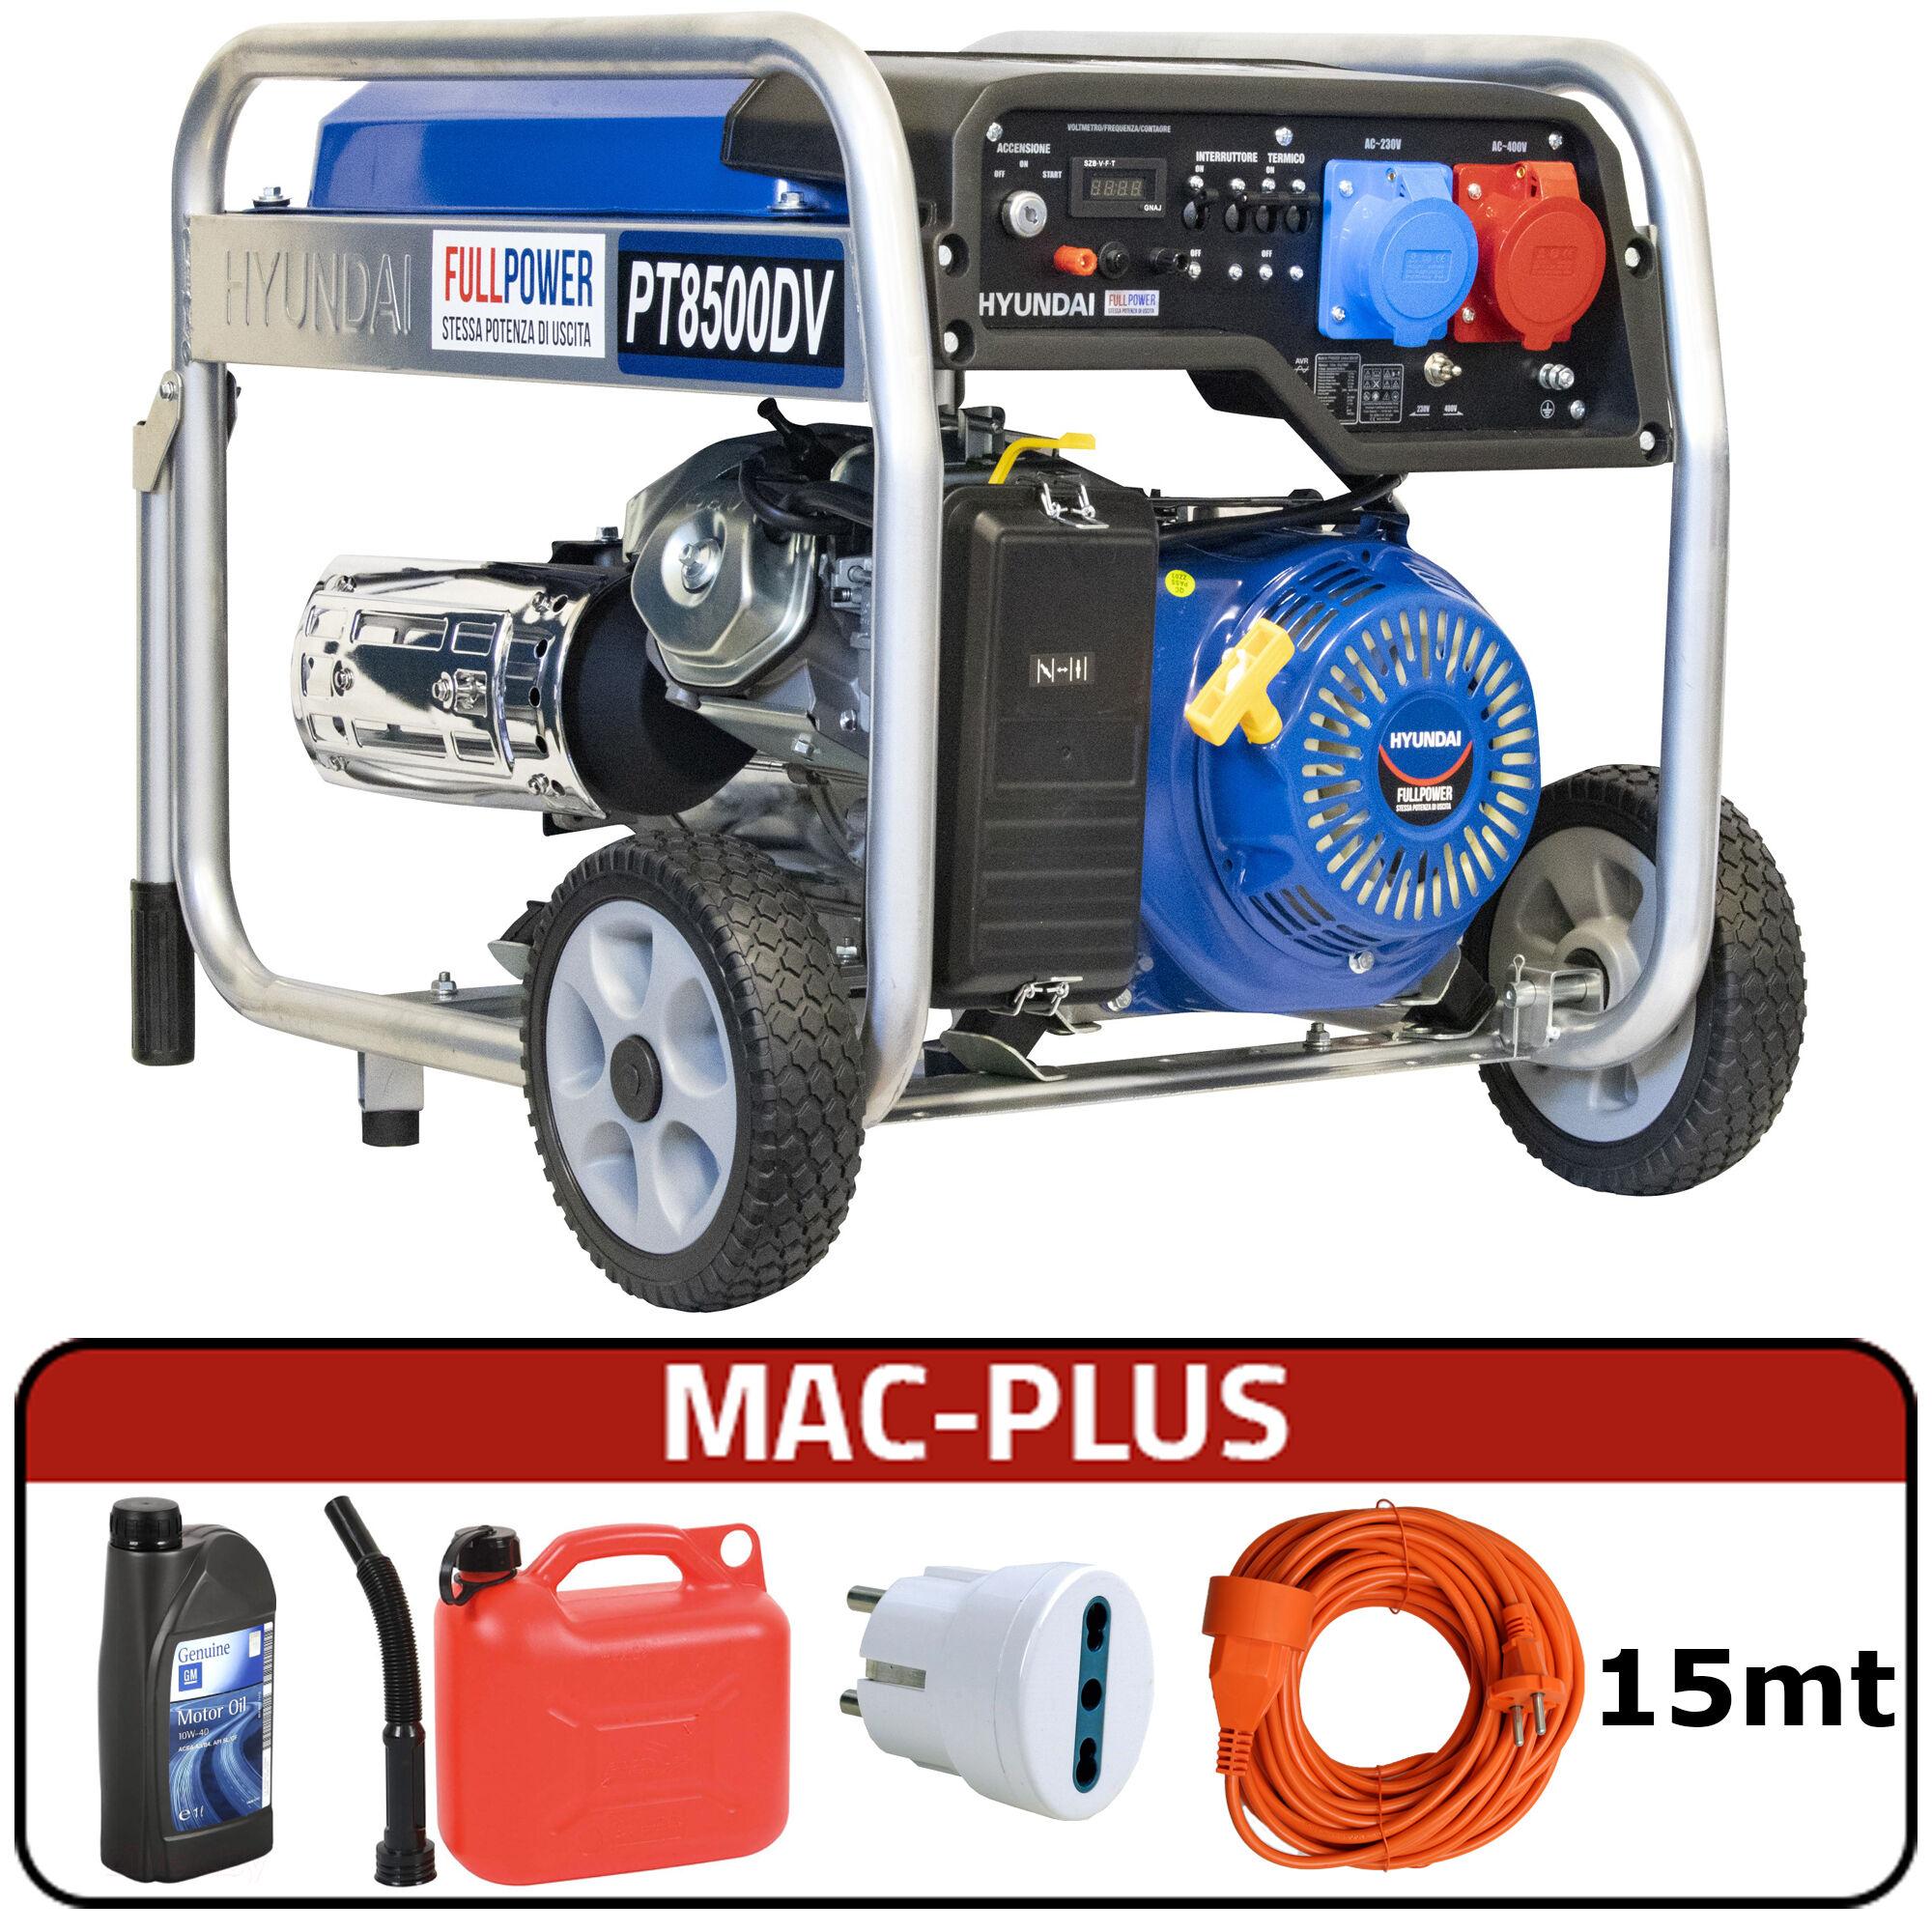 hyundai generatore di corrente carrellato hyundai 65018 - hy8000e 1/3 con avr + mac-plus